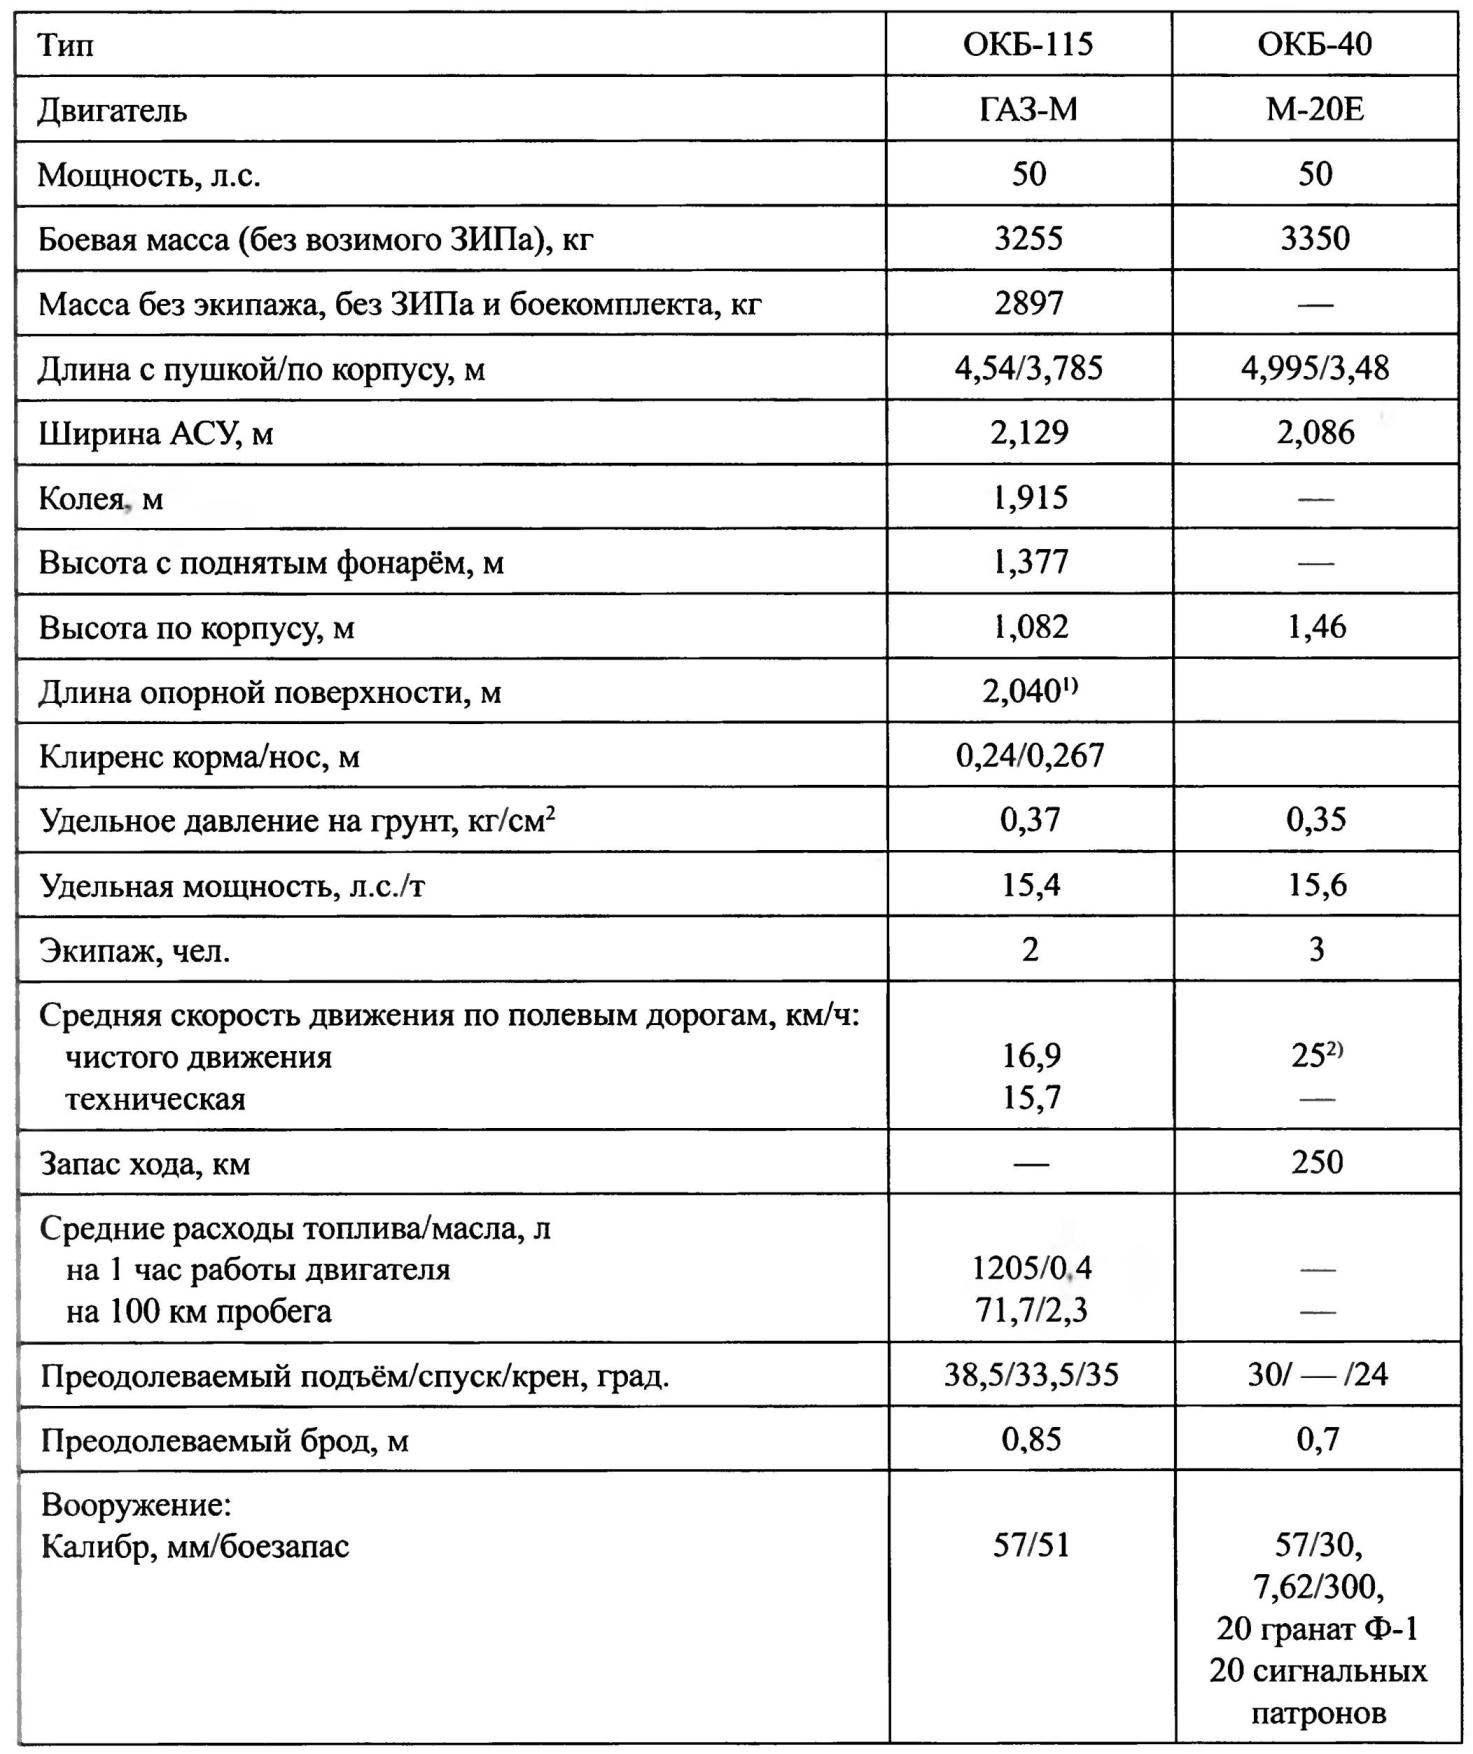 Основные данные авиадесантных самоходных установок АСУ-57